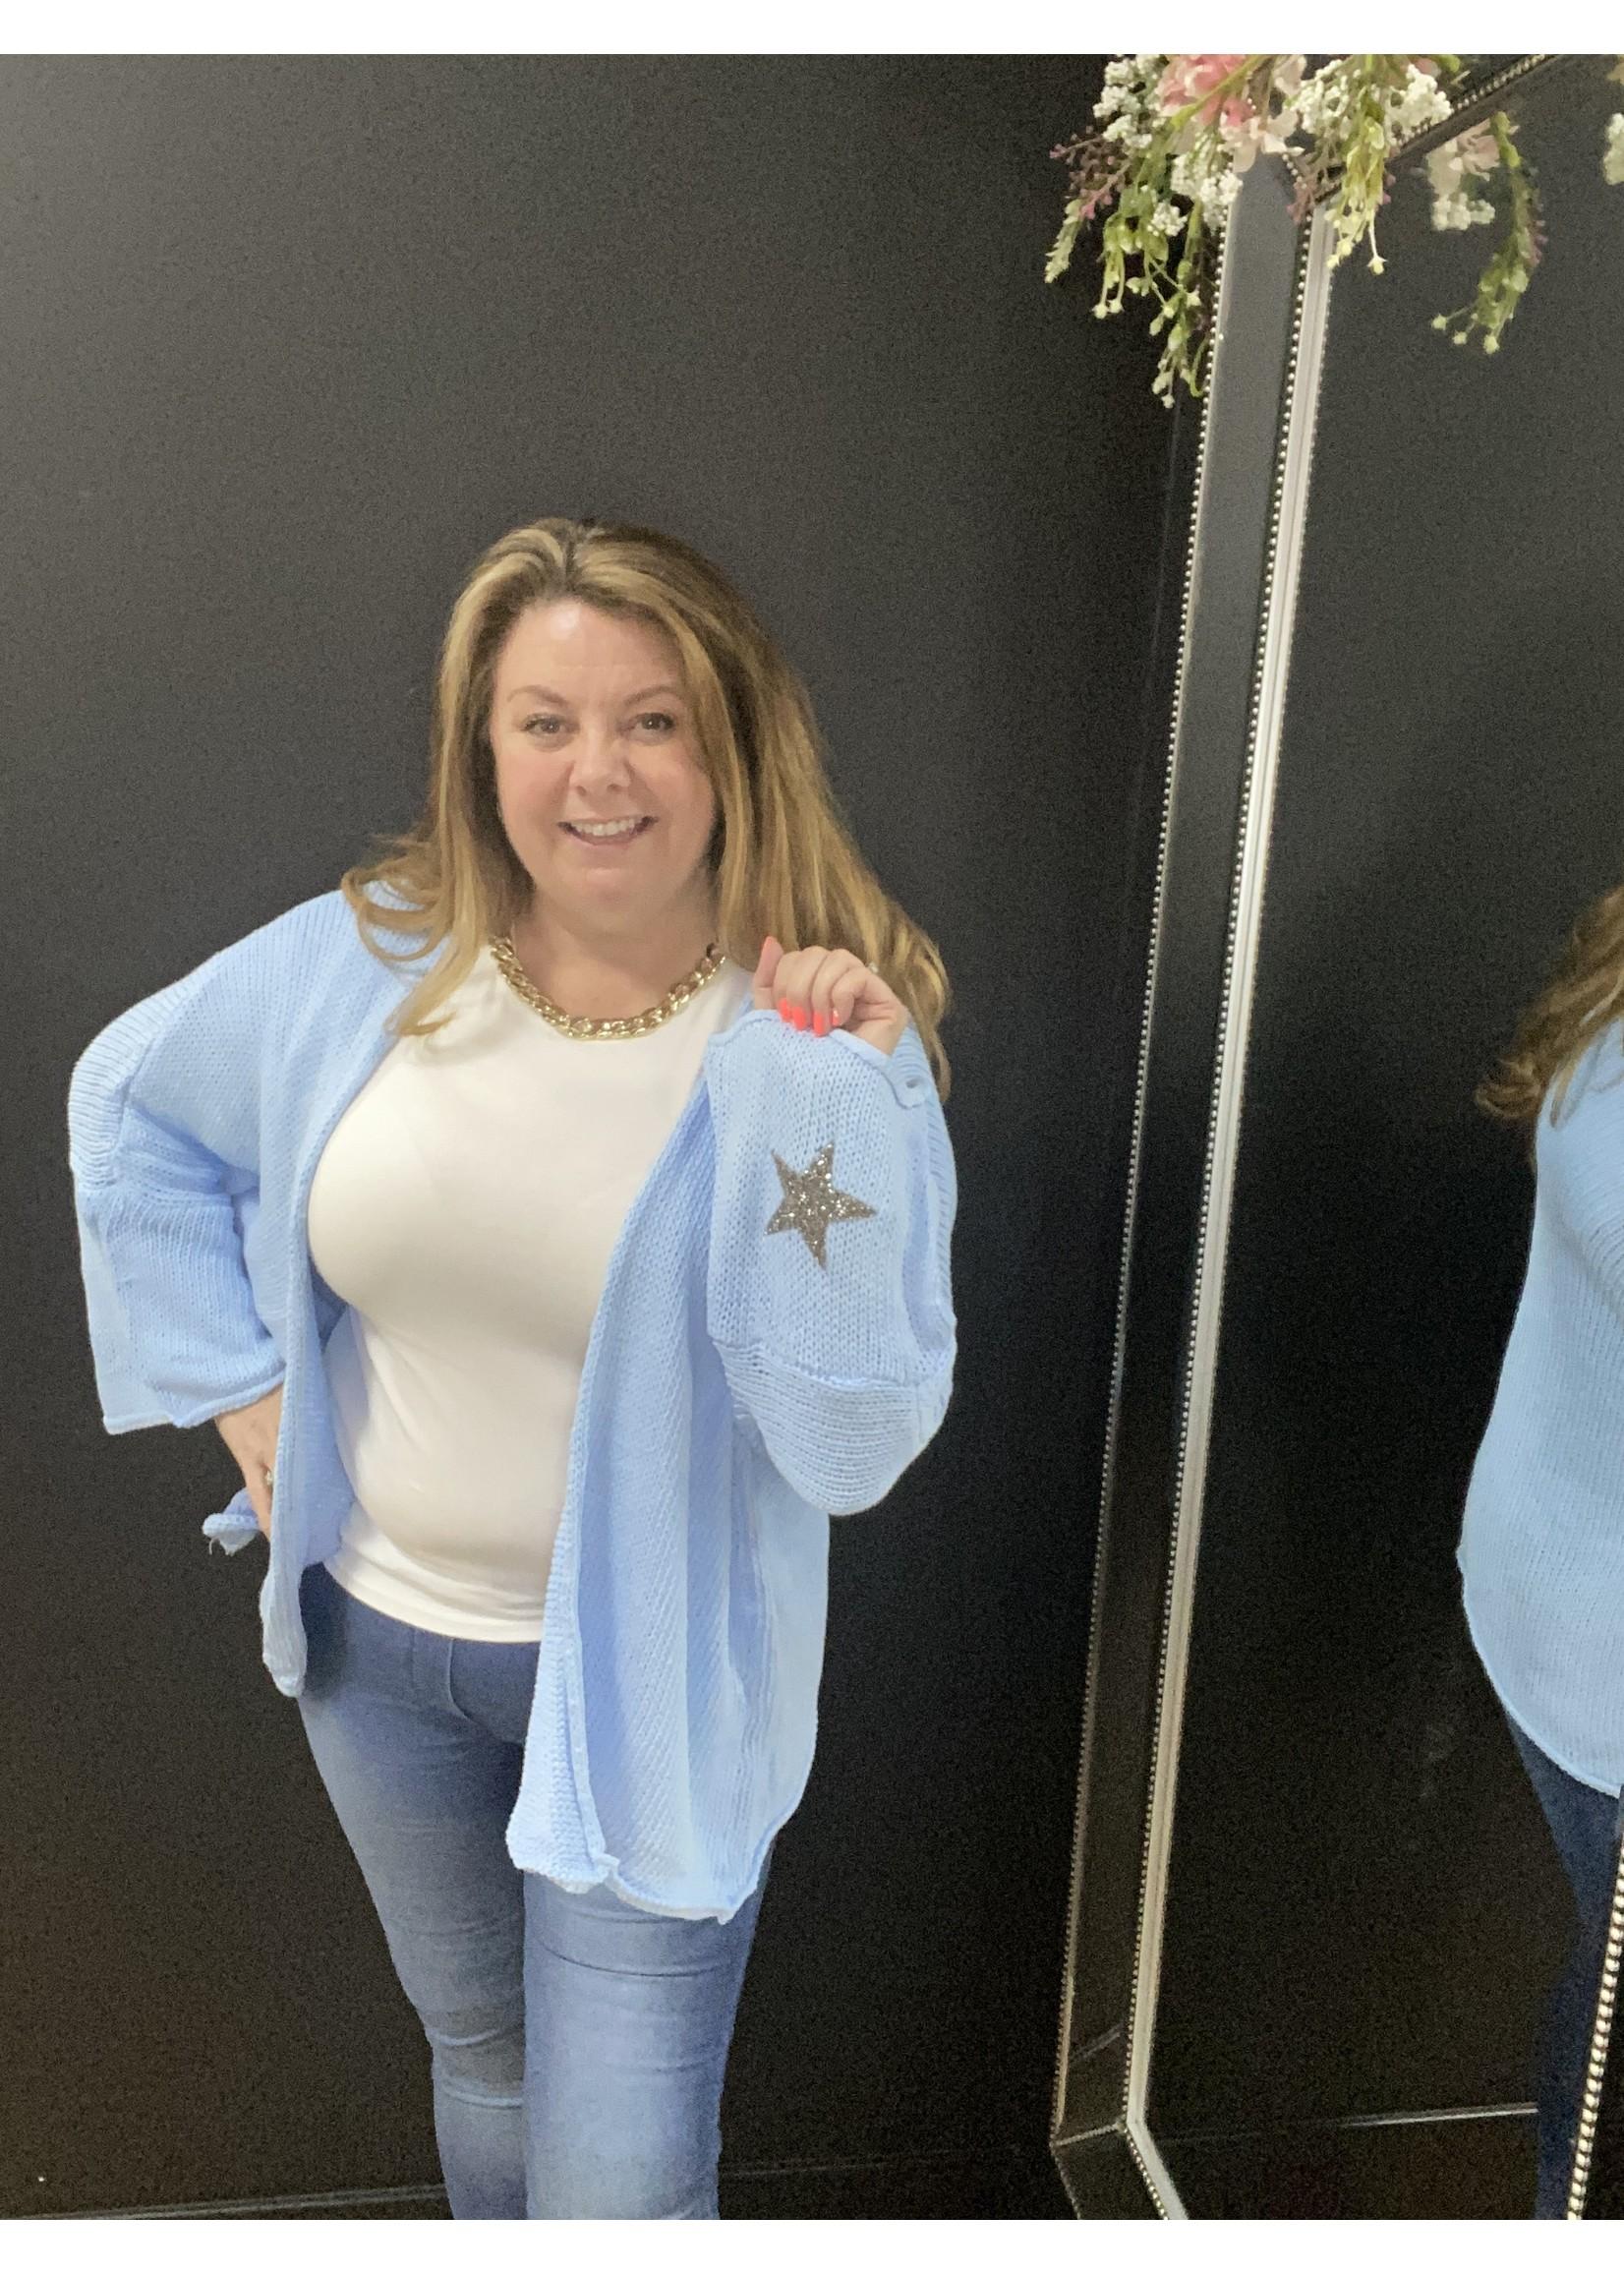 Celeste flat star cardigan